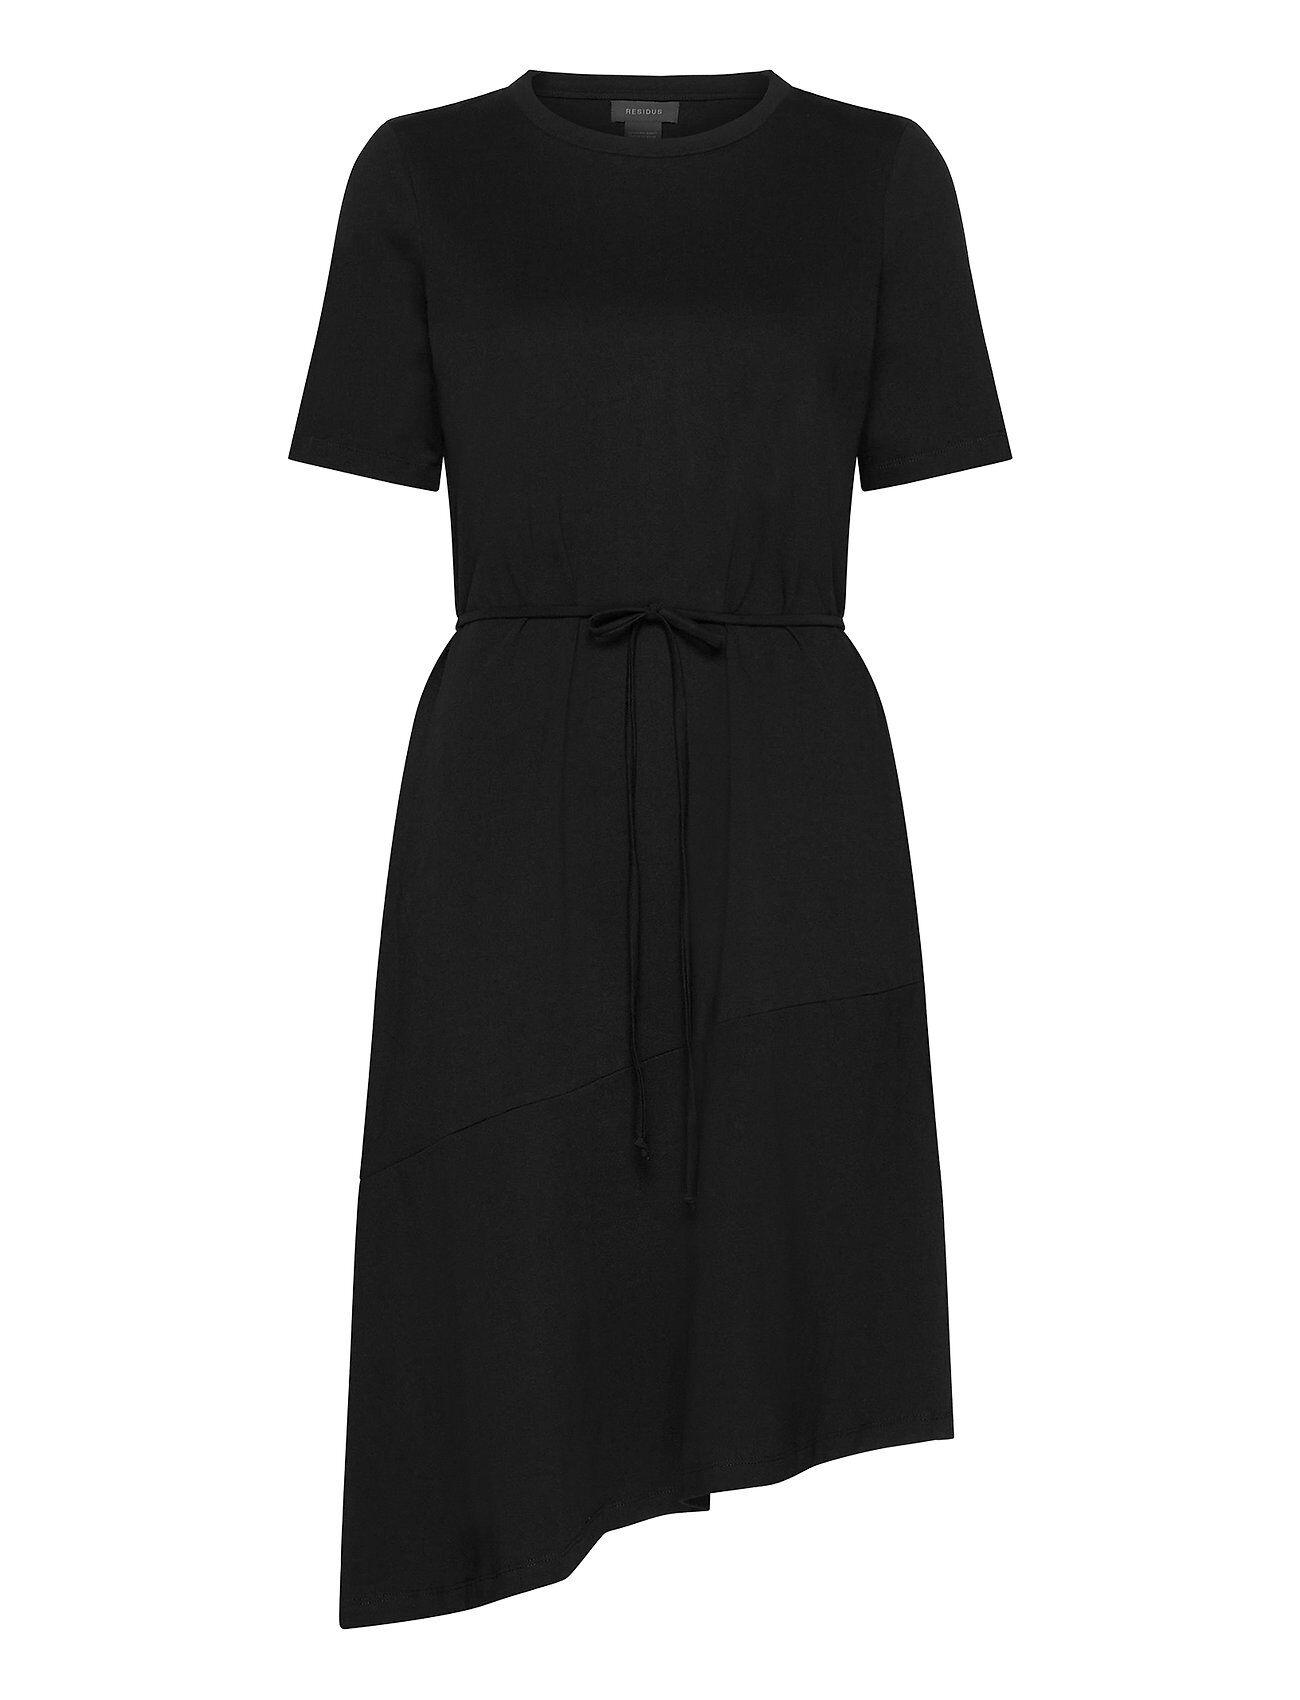 Residus Olivia Organic Cotton Tee Dress Polvipituinen Mekko Musta Residus